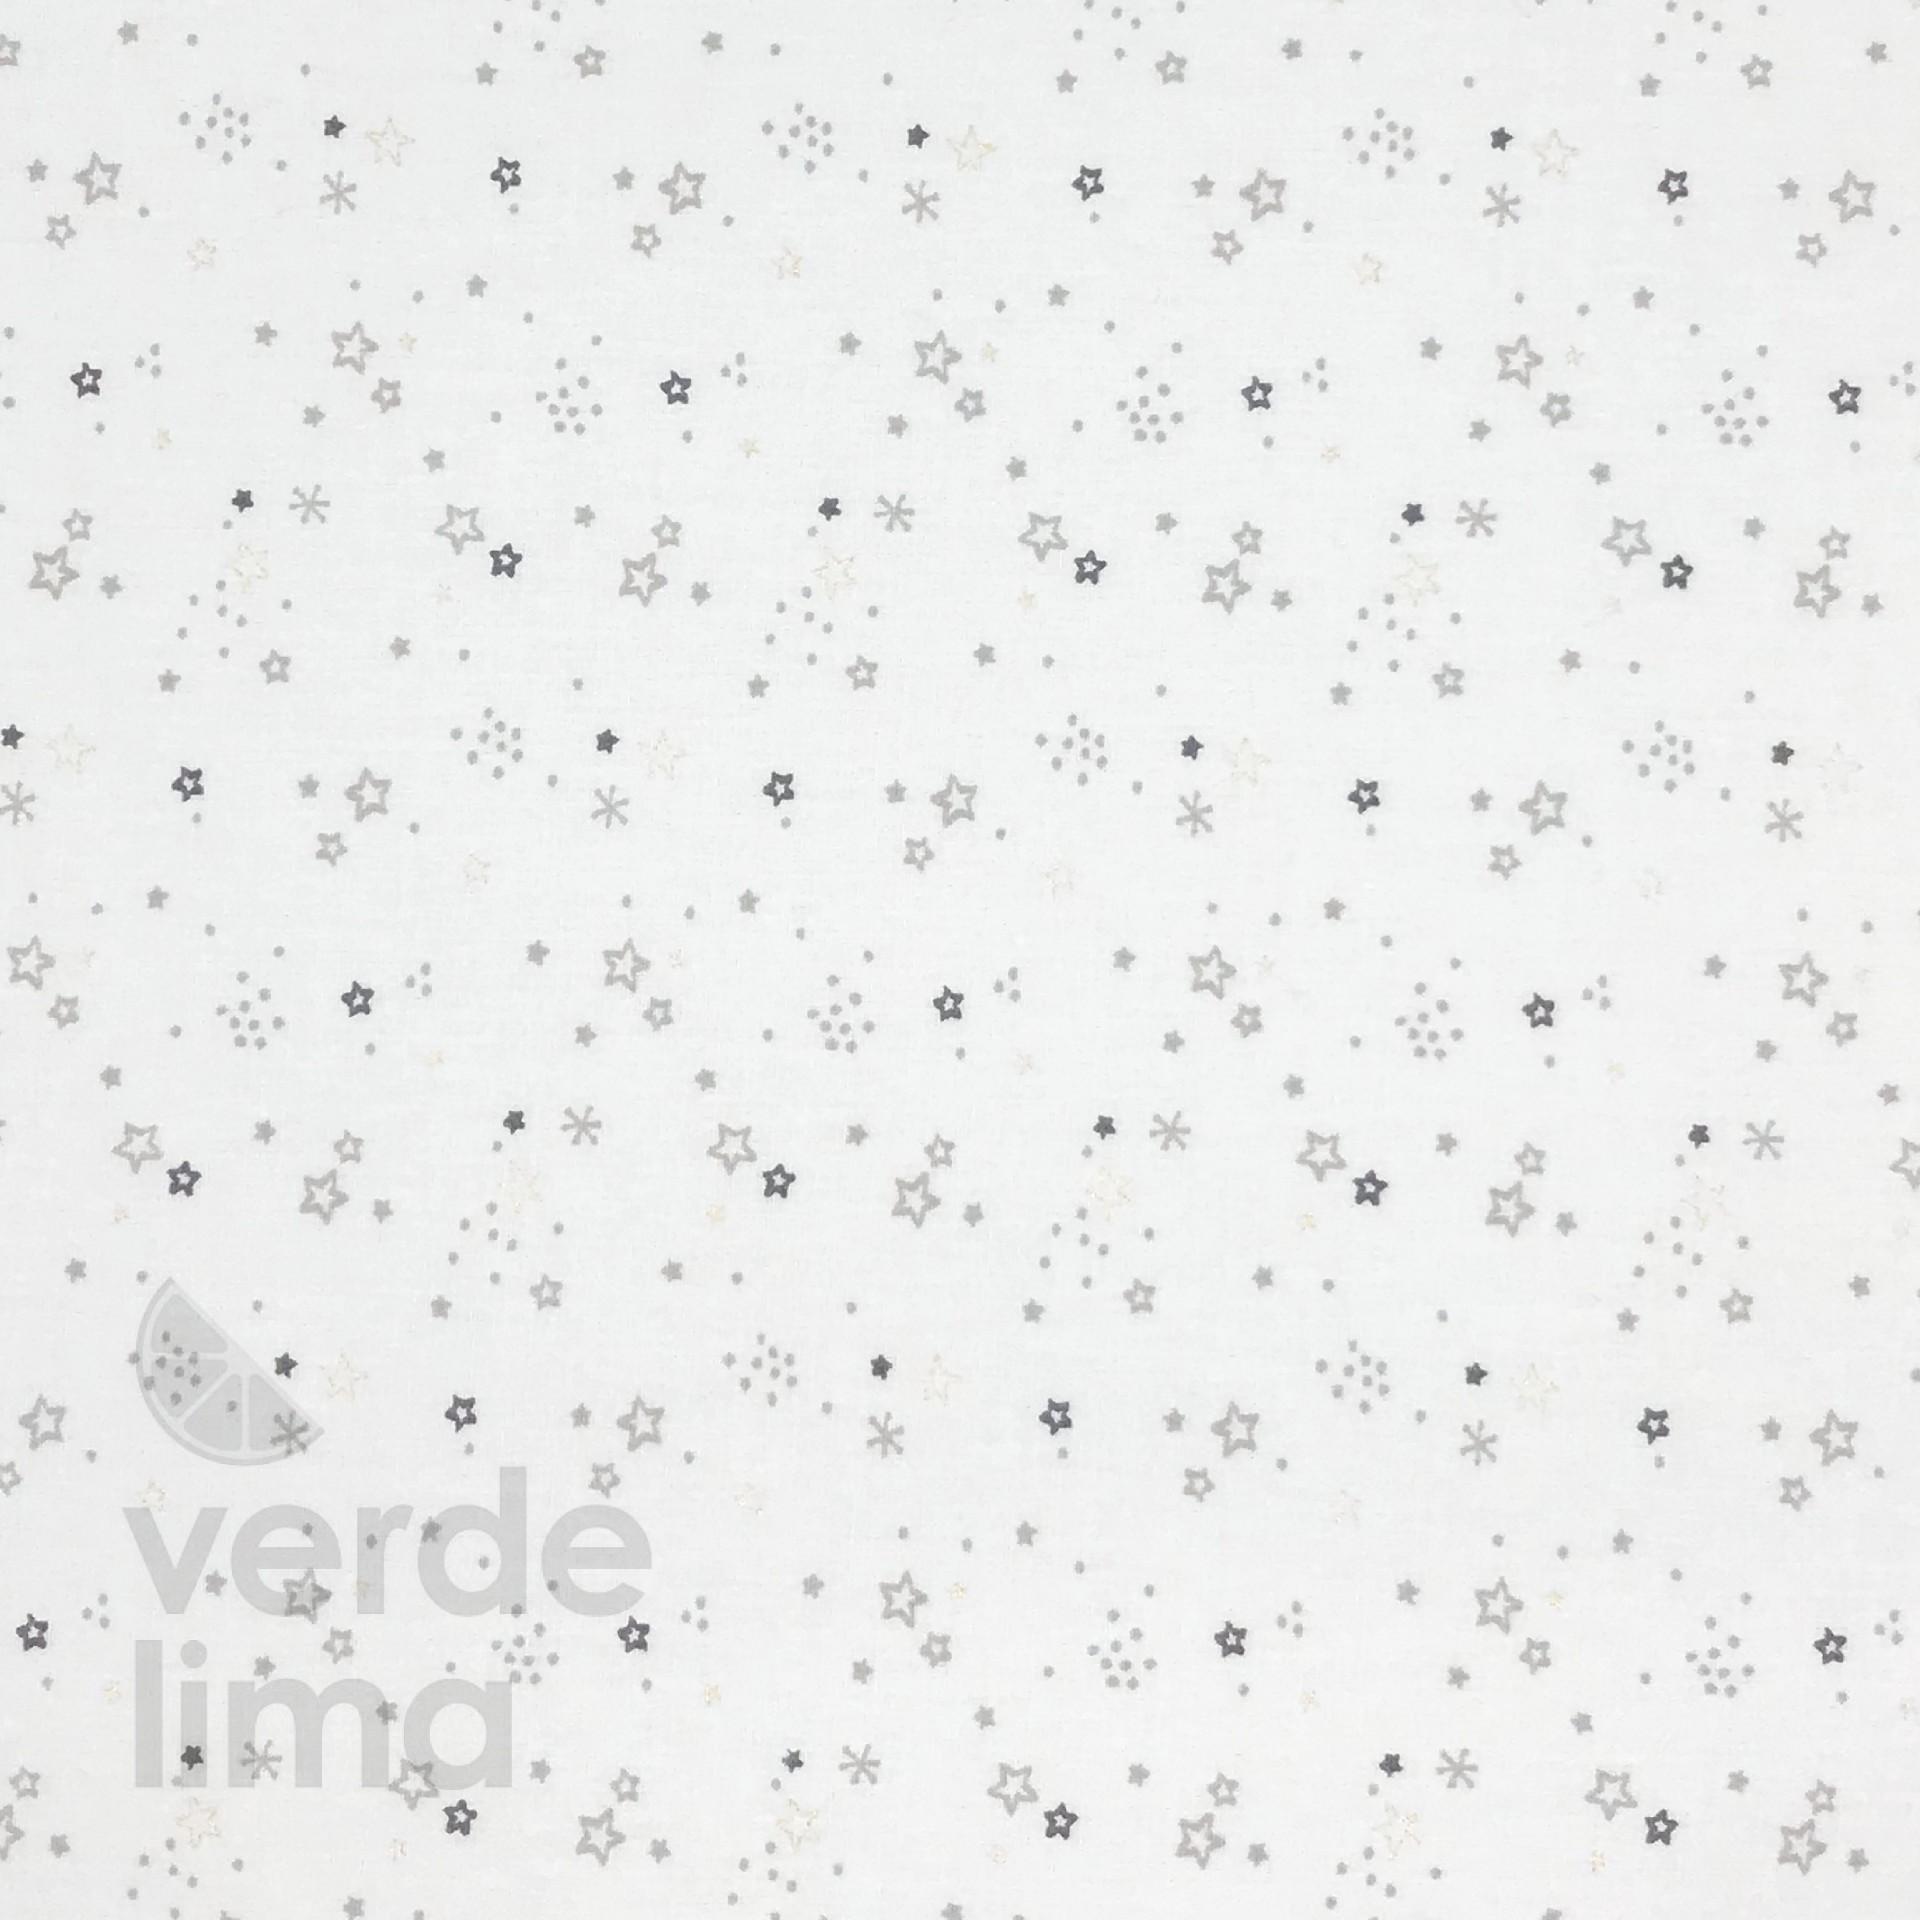 Stardust - prateado e dourado